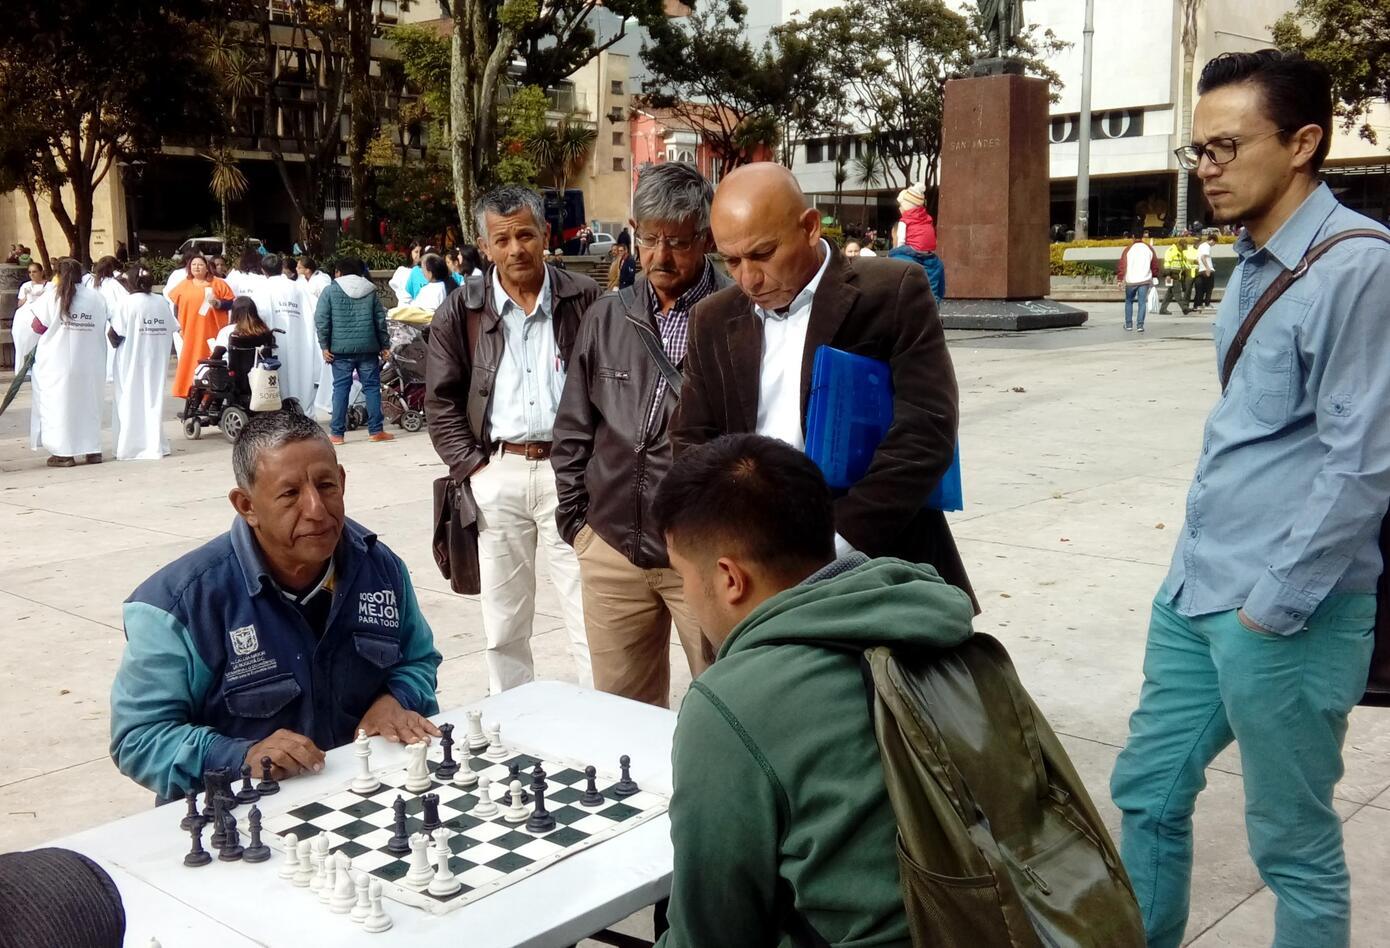 Los amantes del ajedrez se reúnen en el centro de Bogotá